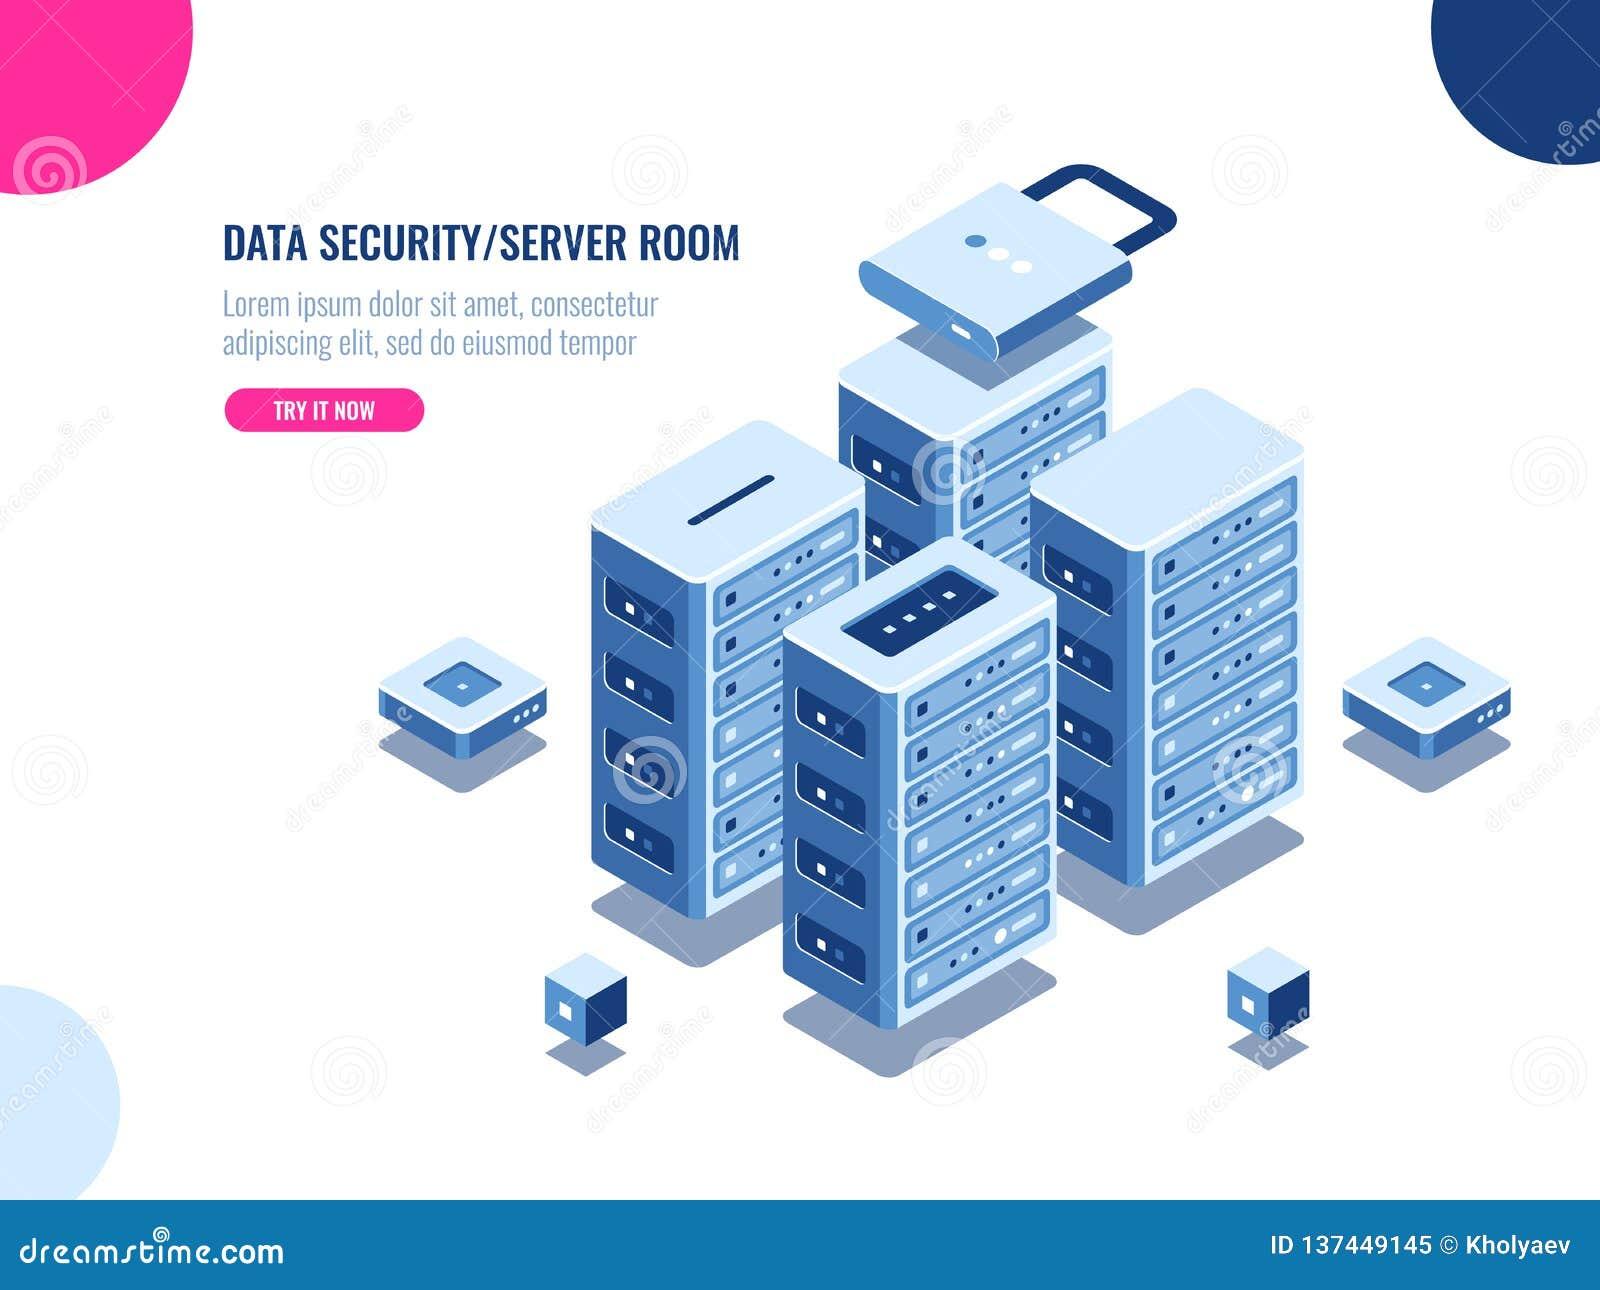 服务器室内阁、数据中心和数据库等量象,服务器机架农场,blockchain技术,网络主持,数据